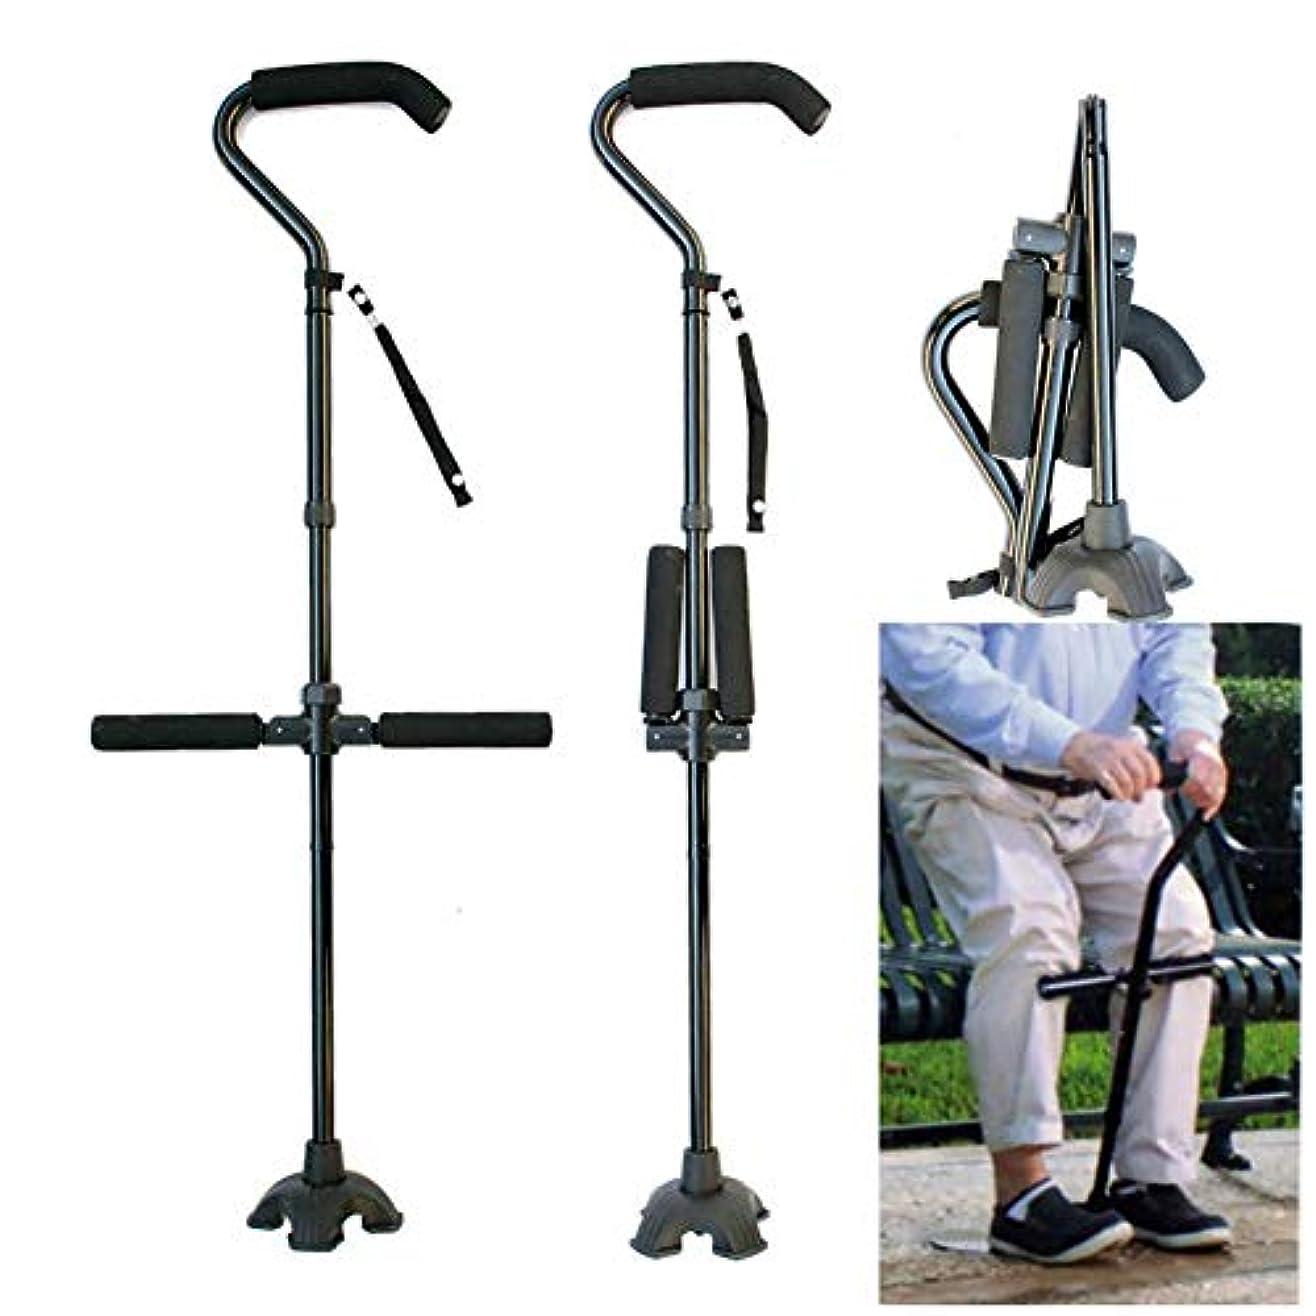 広範囲にマッサージ放射する松葉杖多機能折りたたみ格納式杖アルミ曲がった松葉杖でTハンドル古い四本足松葉杖